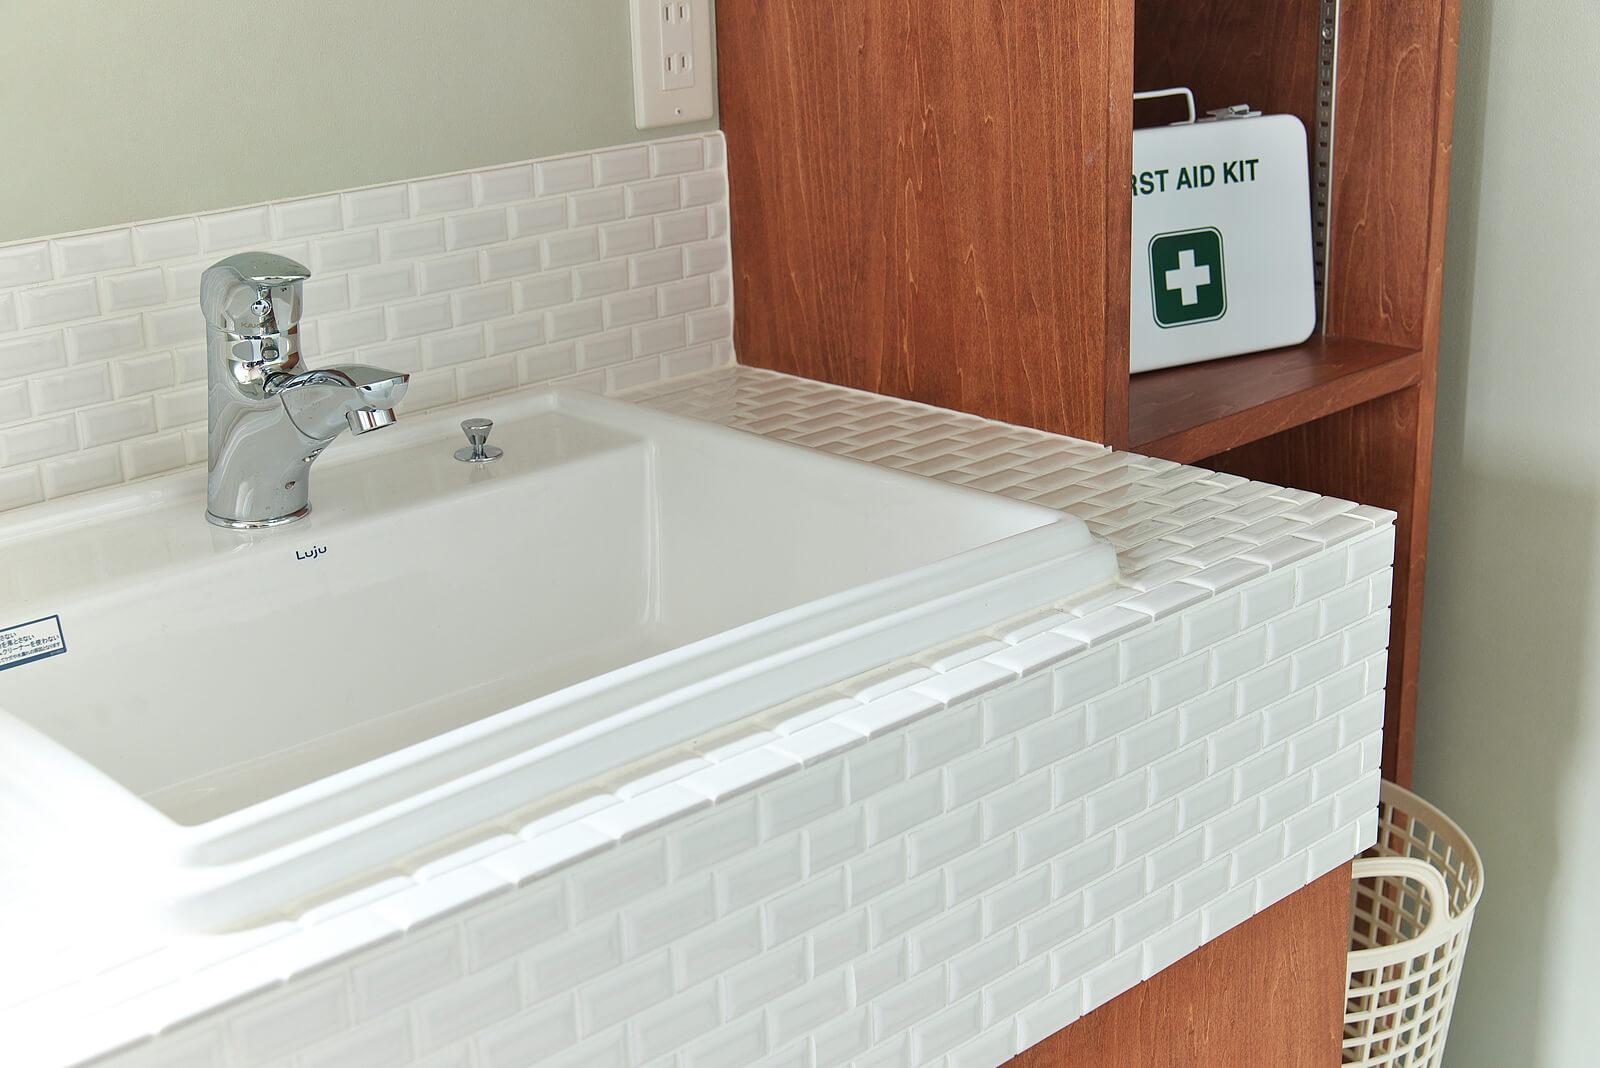 タイルをあしらった造作の洗面台はナチュラルで優しい雰囲気